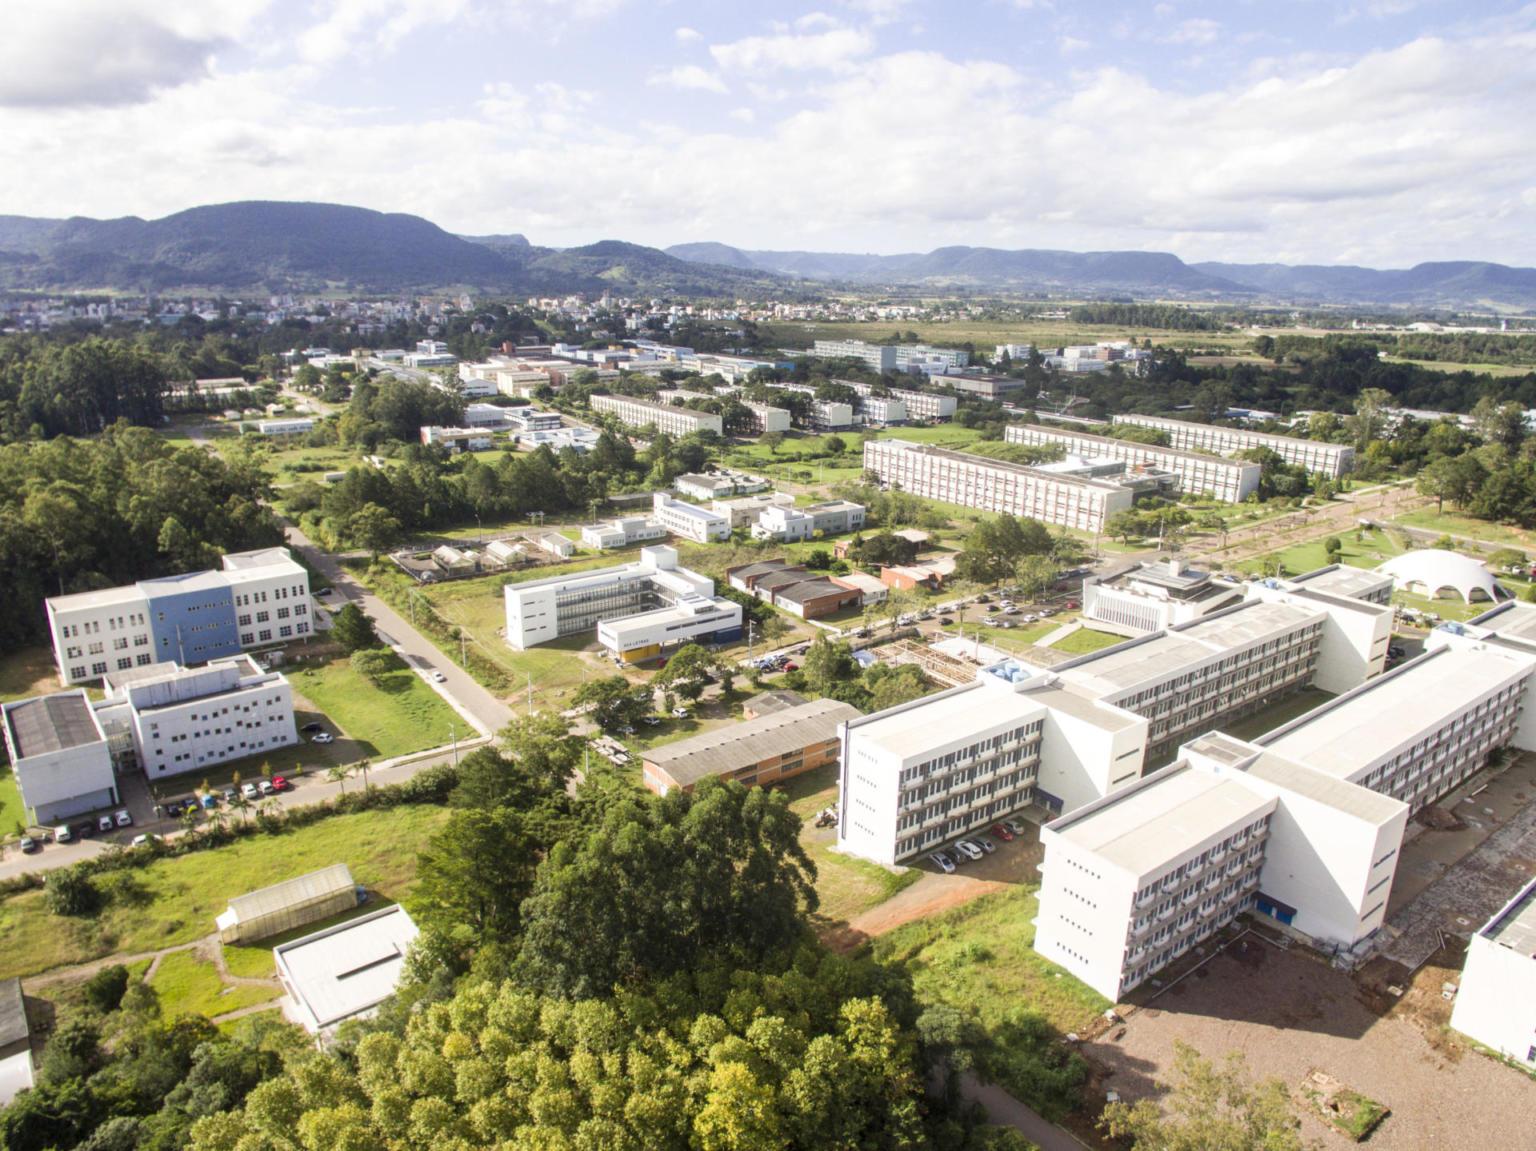 Vista aérea de diversos prédios do campus em meio à área verde